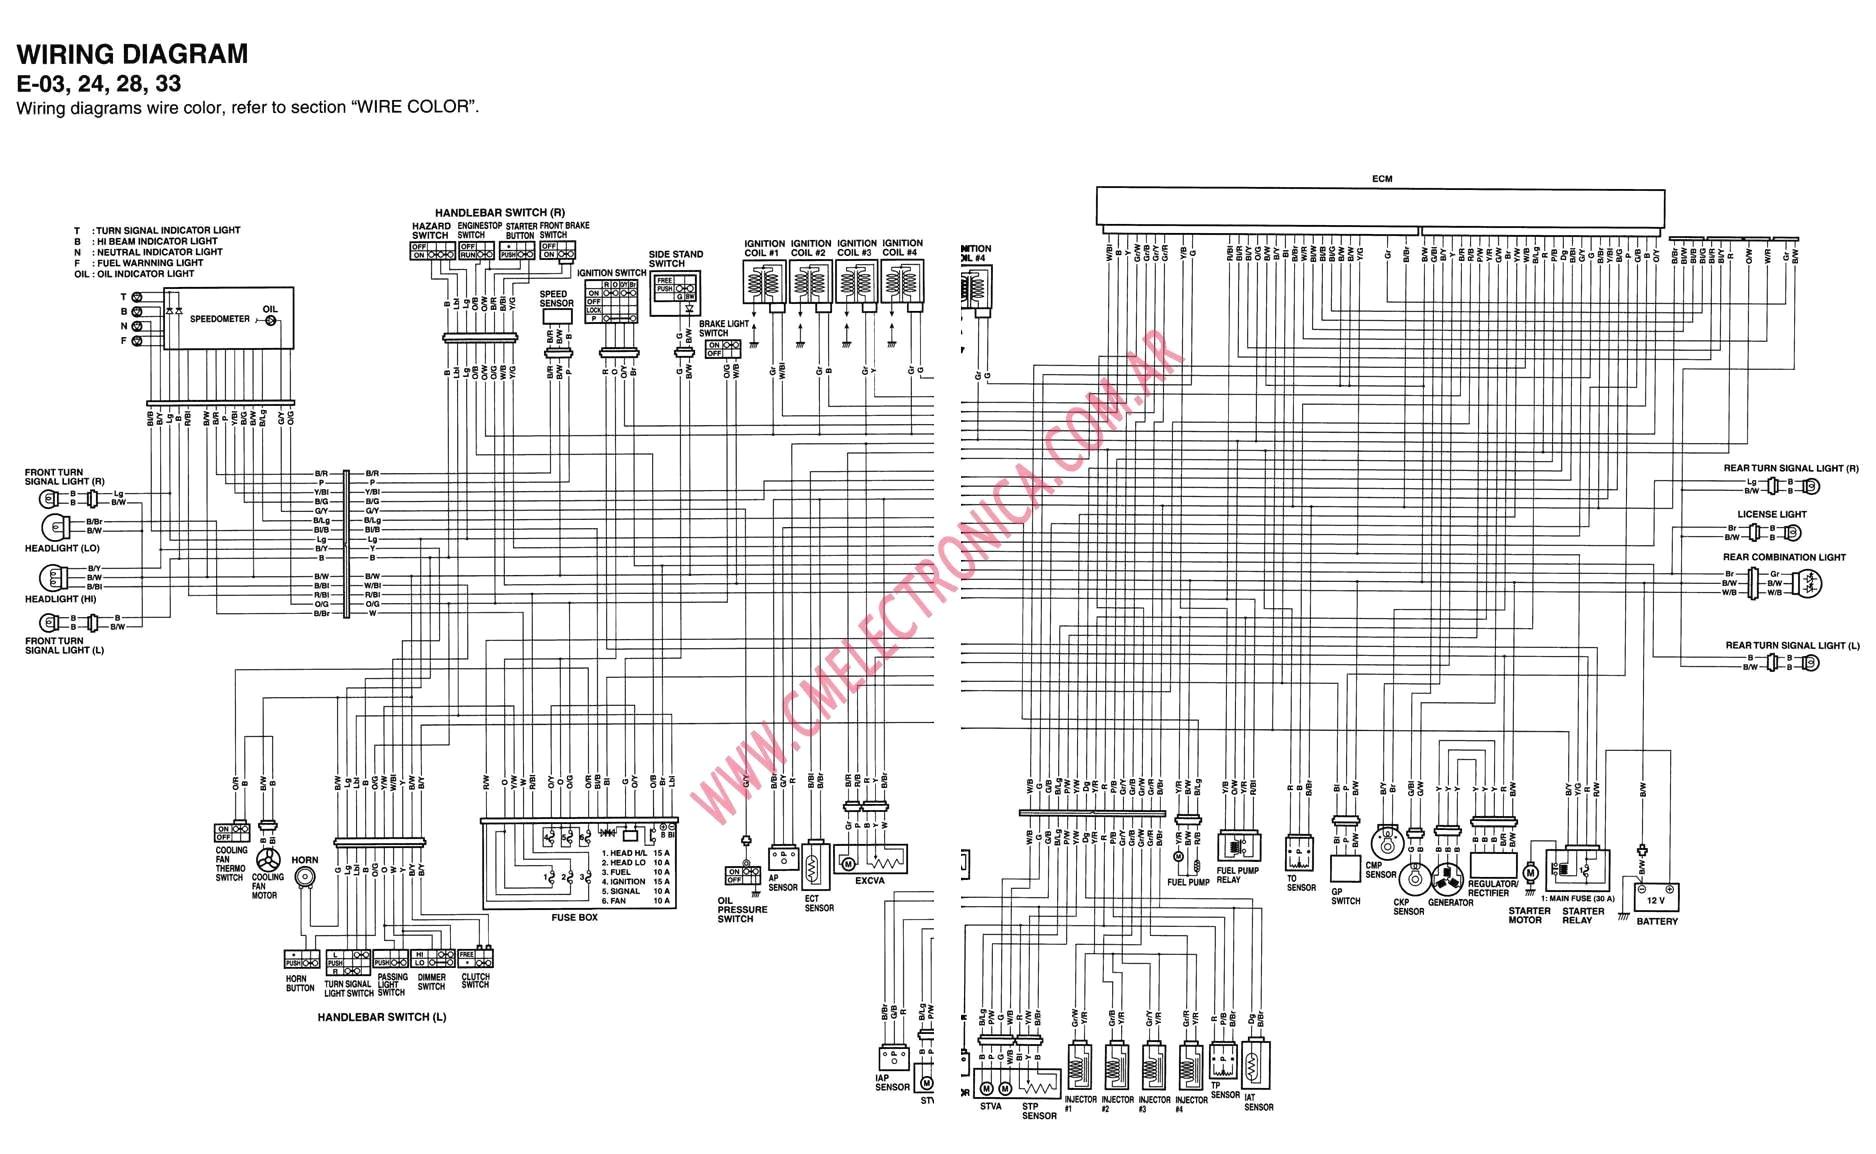 2004 Suzuki Gsxr600 Headlight Wiring Diagram from autocardesign.org